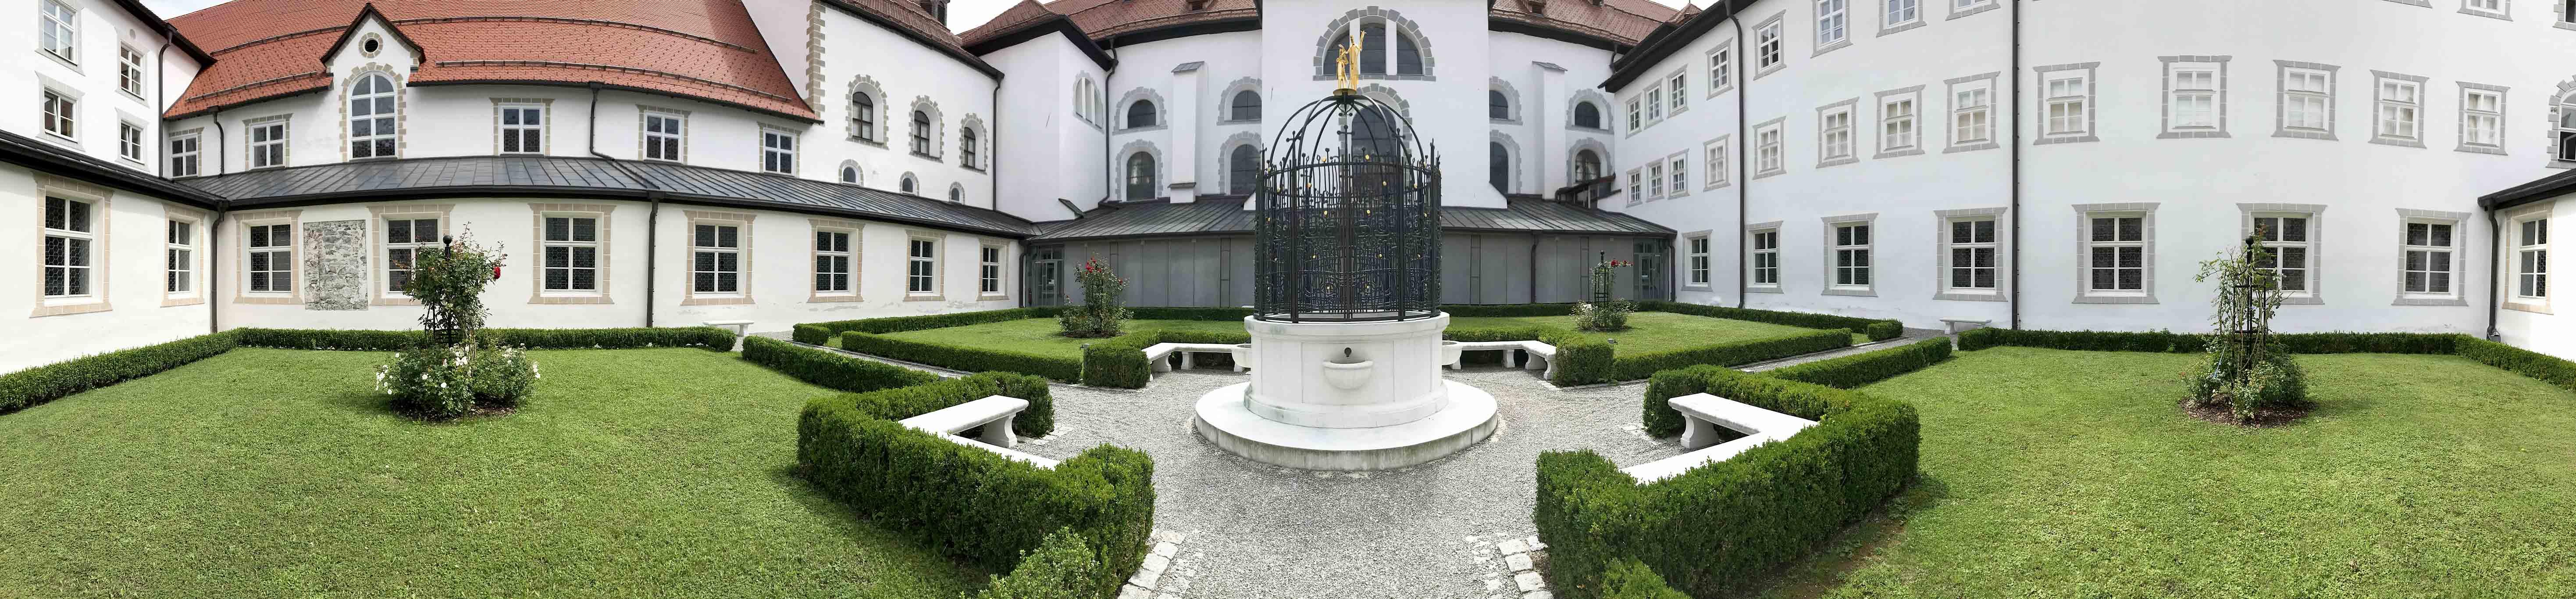 Im Zentrum des Kreuzgartens plätschert der Brunnen, welcher von Johannes dem Täufer und Jesus gekrönt ist.